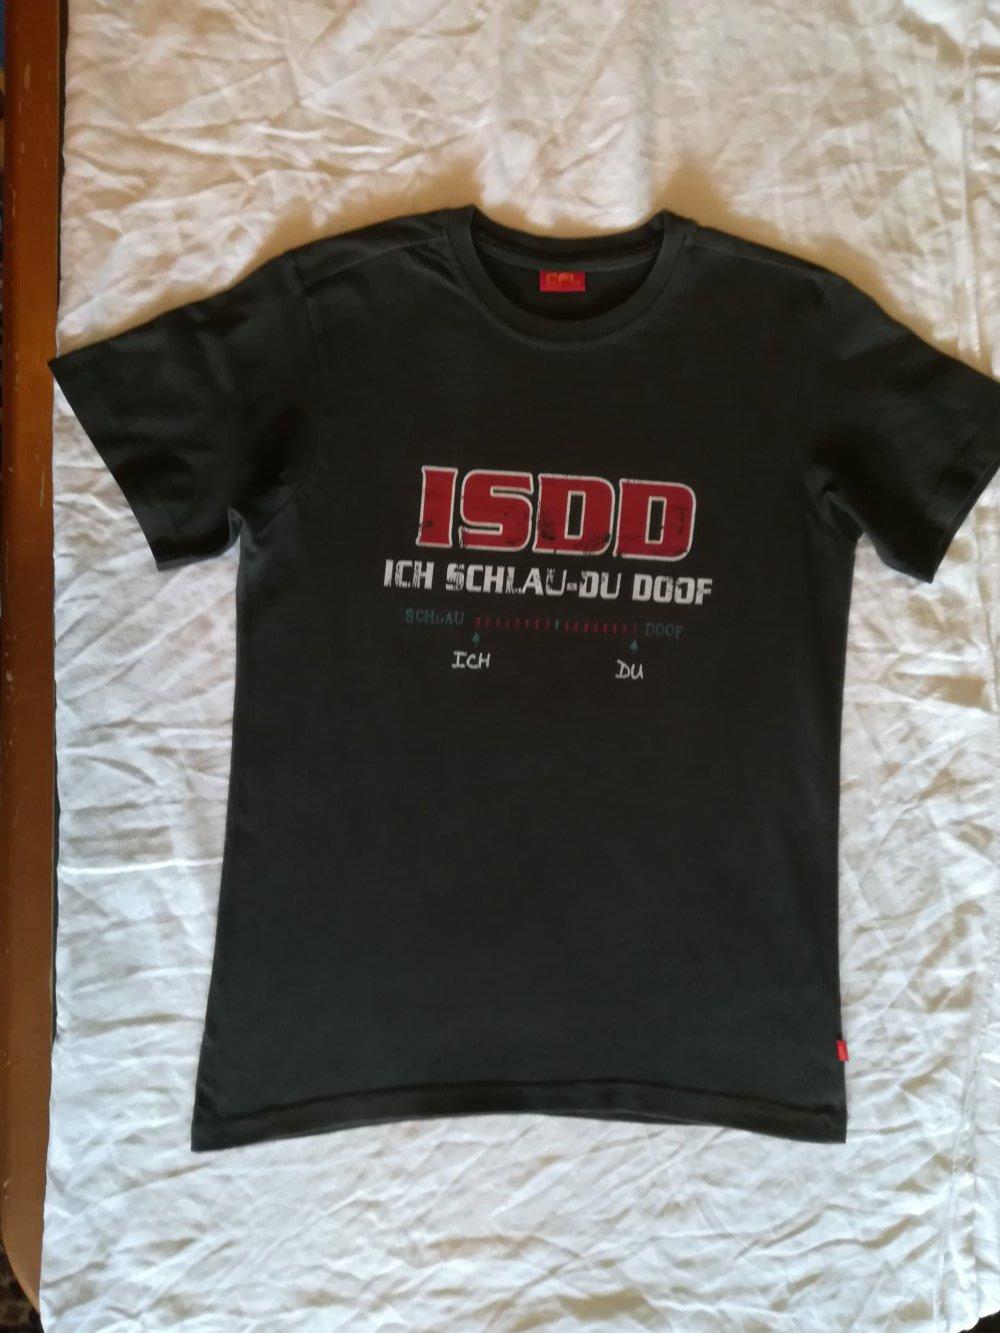 Full Size of Sprüche T Shirt Urlaub Junggesellen Sprüche T Shirt Bayerische Sprüche T Shirt Sächsische Sprüche T Shirt Küche Sprüche T Shirt